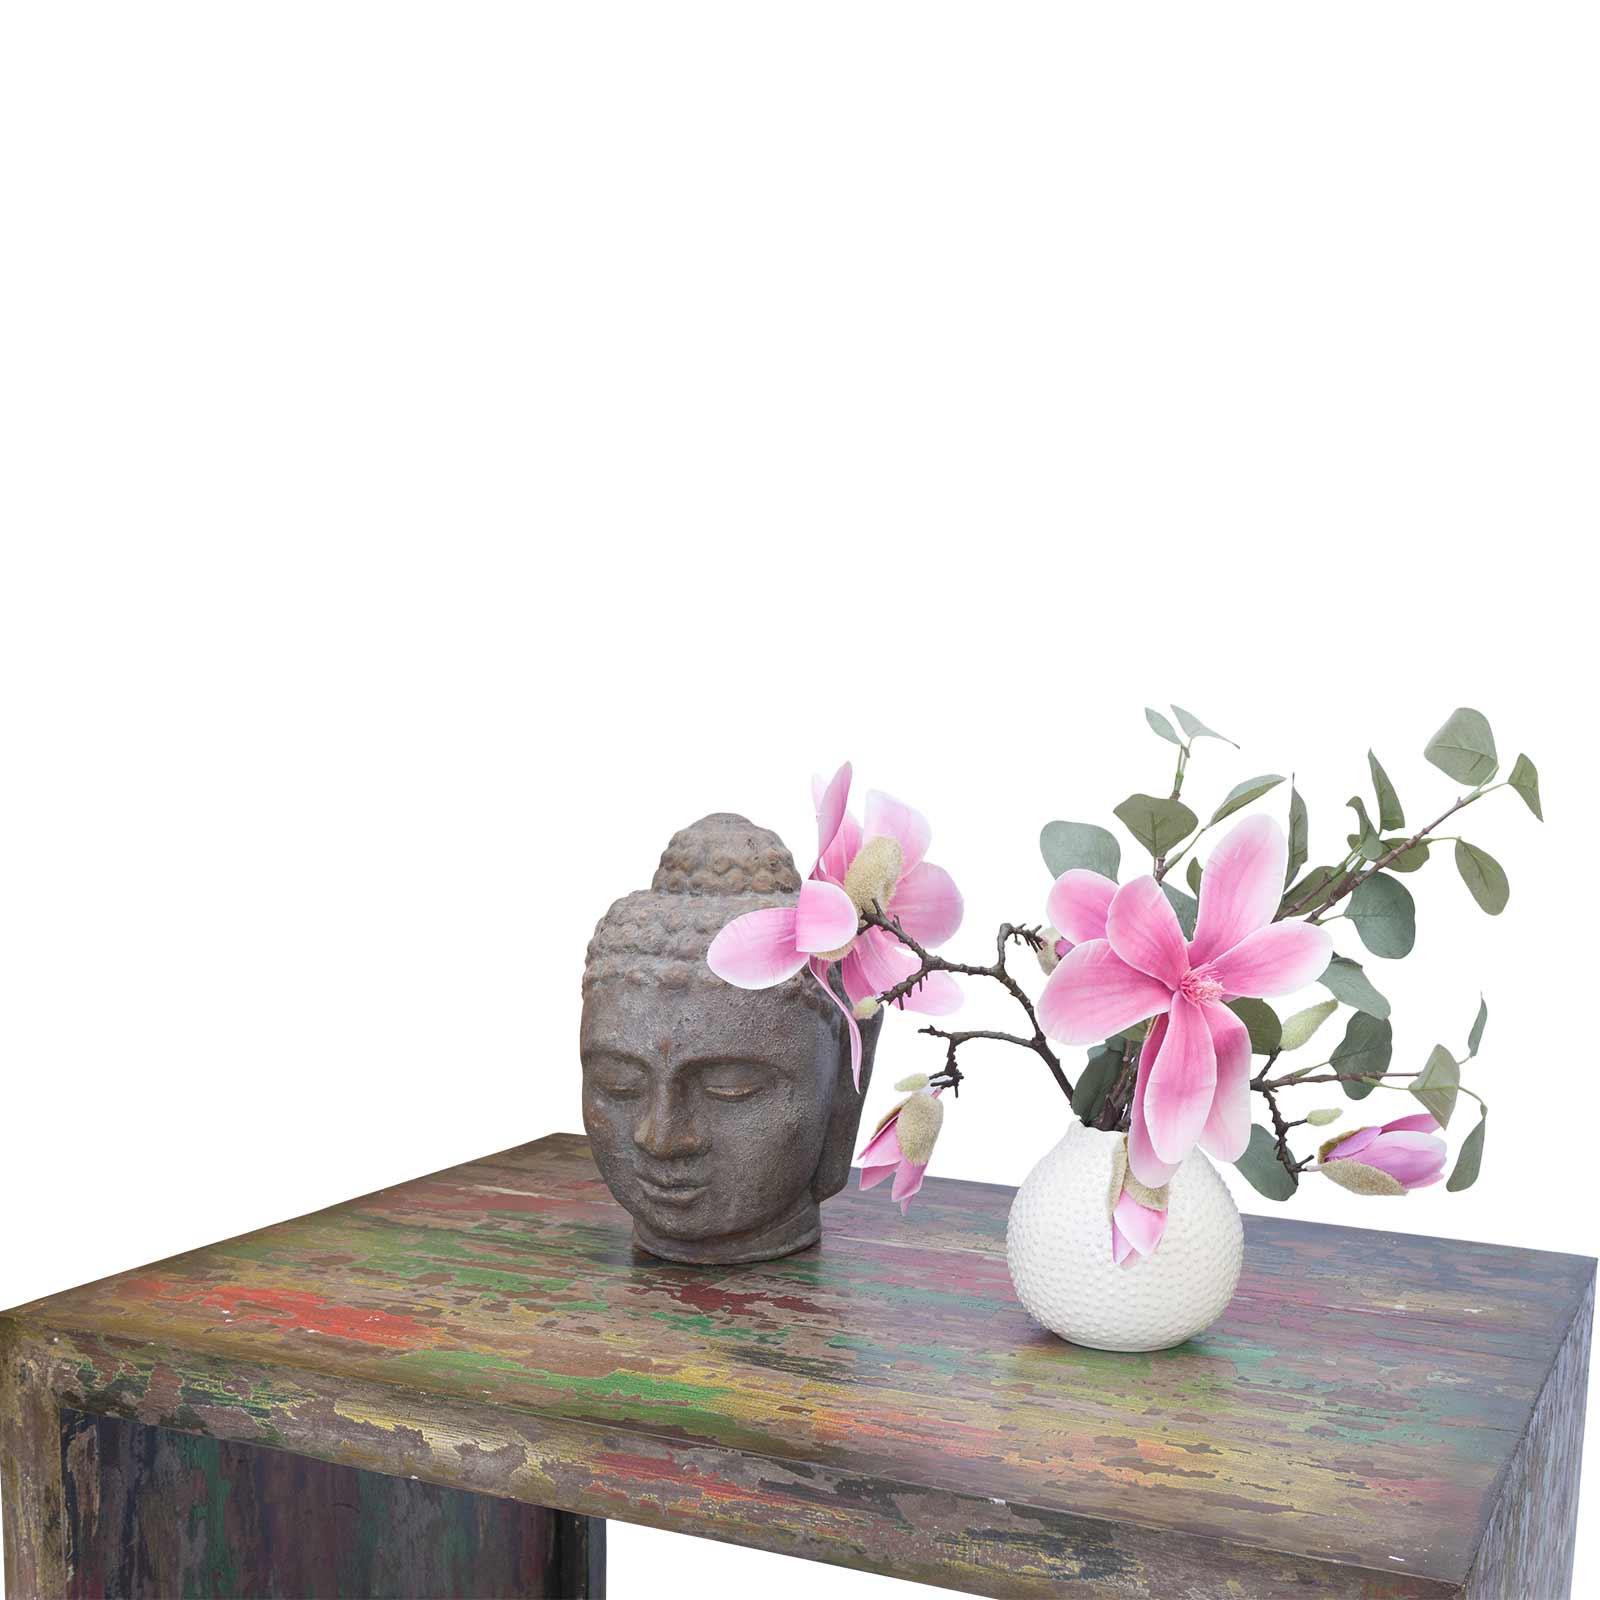 Couchtisch 80cm x 60cm x 45cm Wohnzimmer Holztisch Holzmöbel Vintage Holz bunt – Bild 2